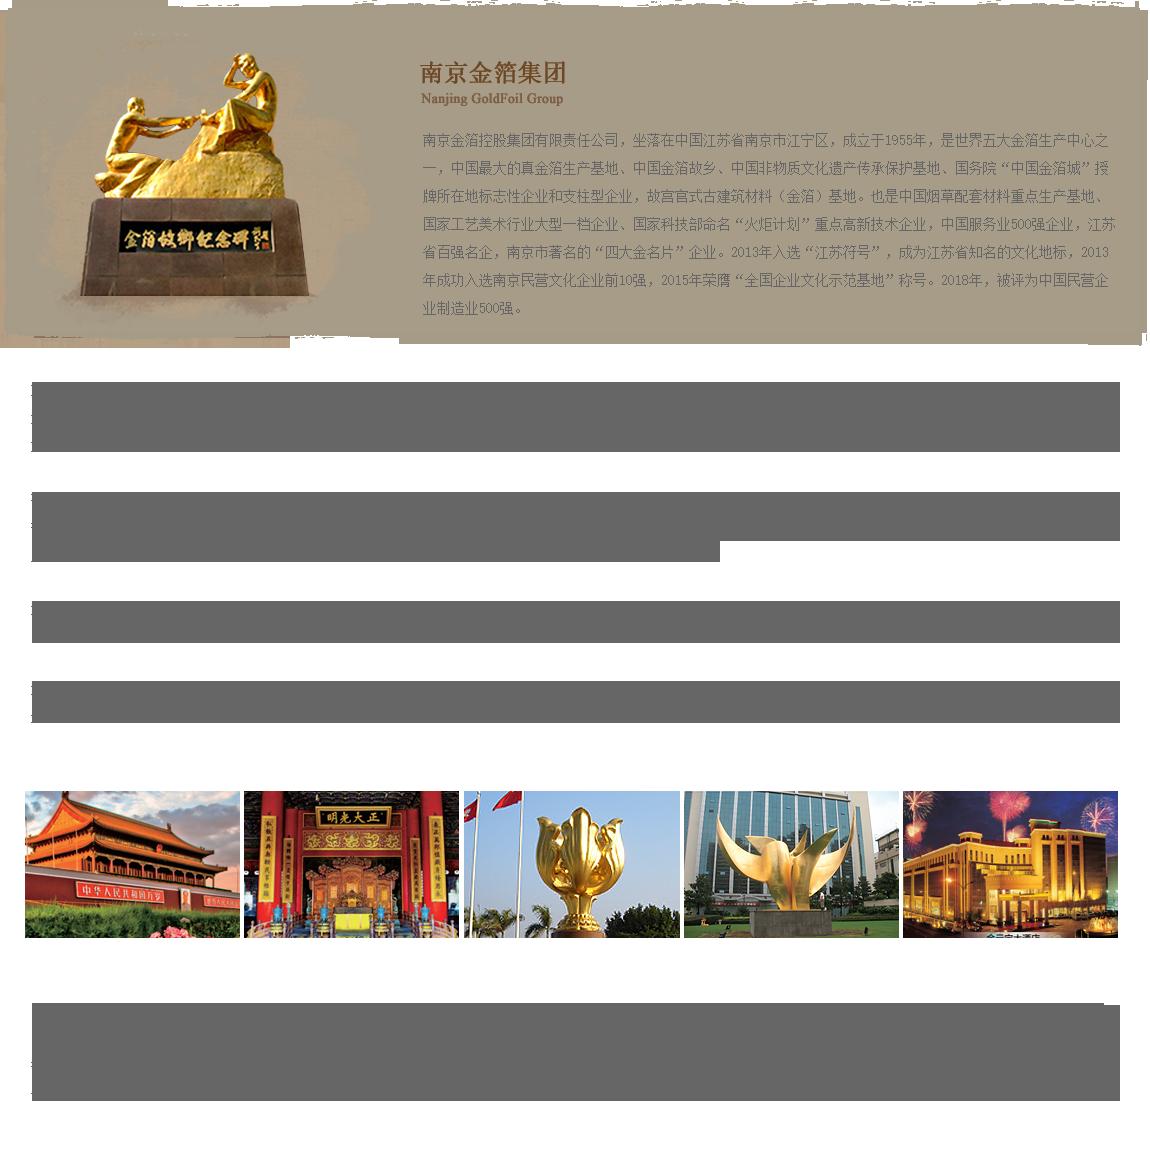 南京金箔集团百科